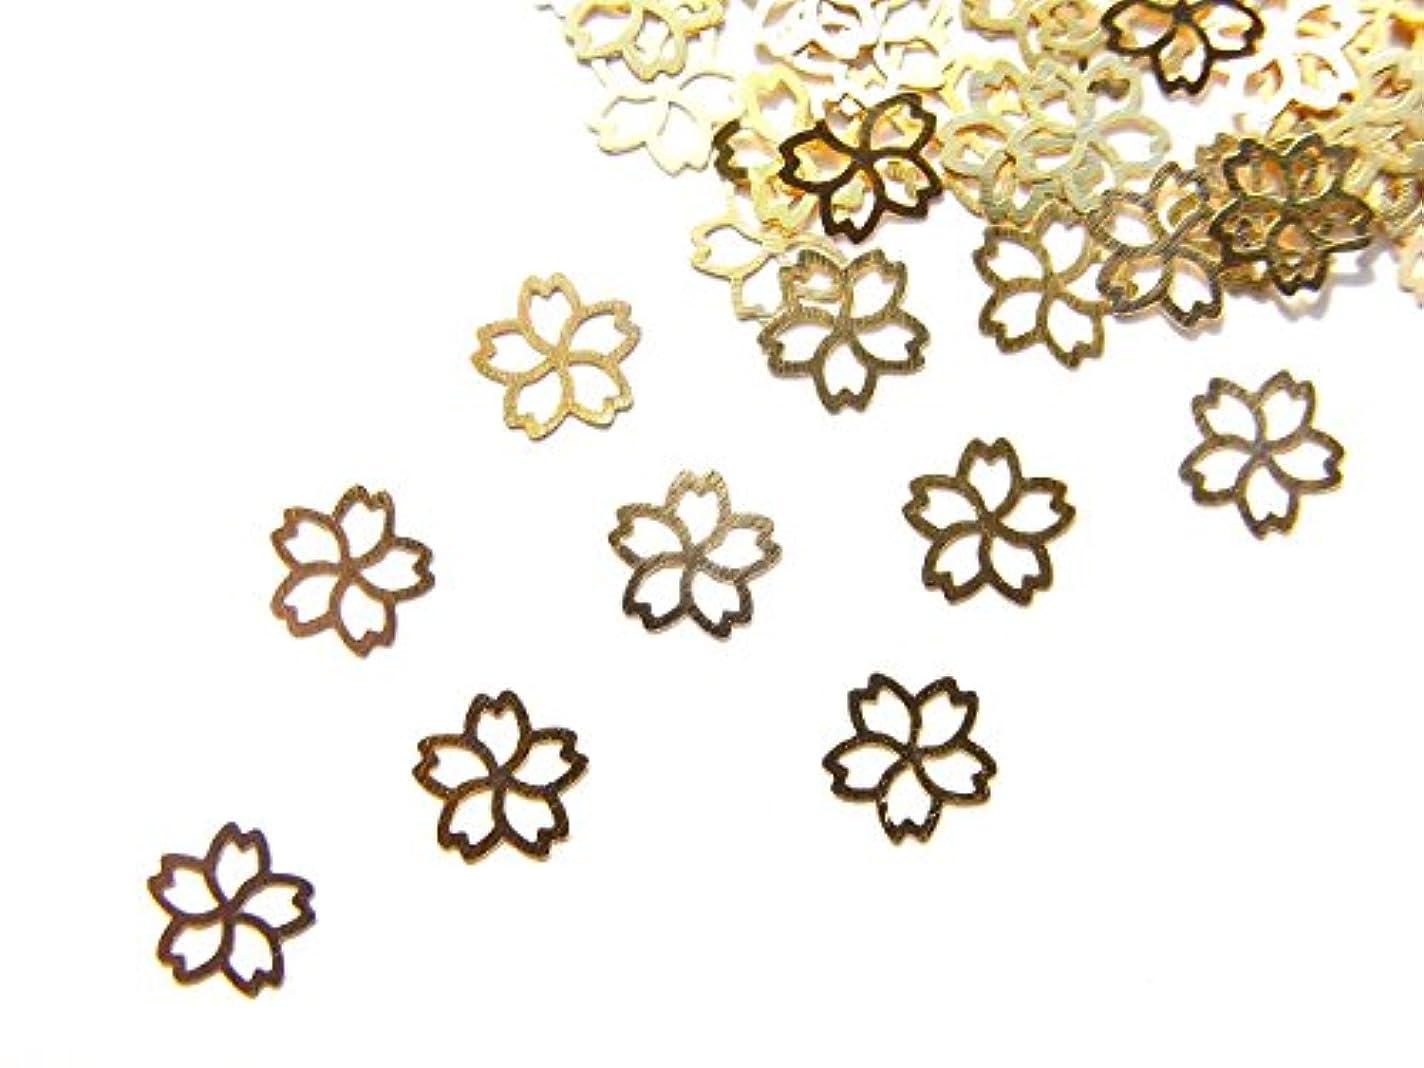 コマース谷対応する【jewel】ug26 春ネイル 薄型ゴールド メタルパーツ 桜 サクラ Lサイズ 10個入り ネイルアートパーツ レジンパーツ